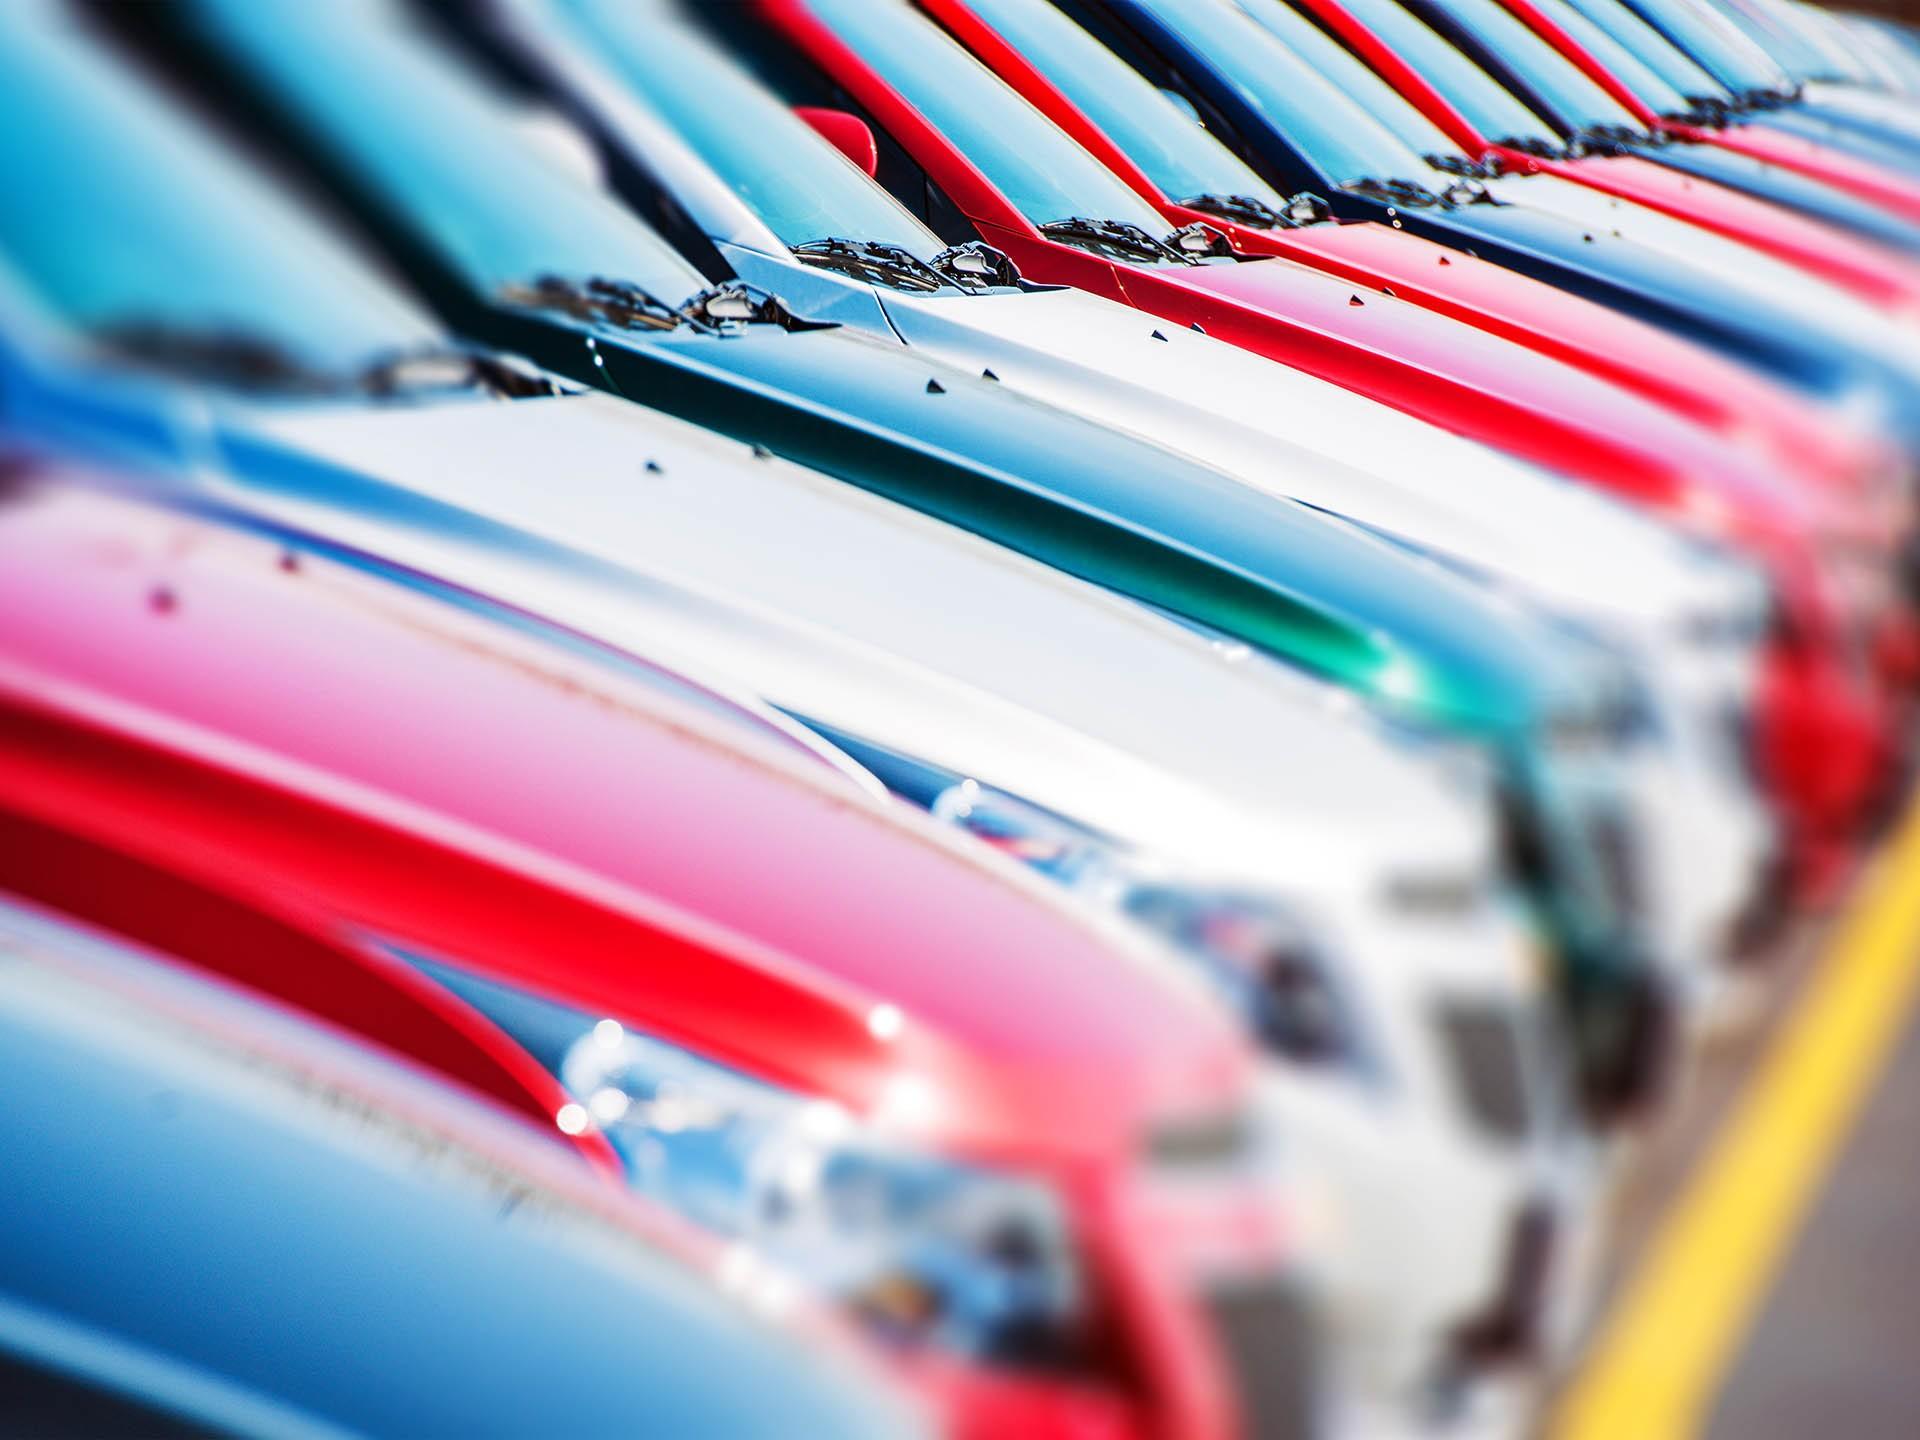 Авито Авто: эксперты выяснили, какие цвета автомобилей популярны в разных регионах России